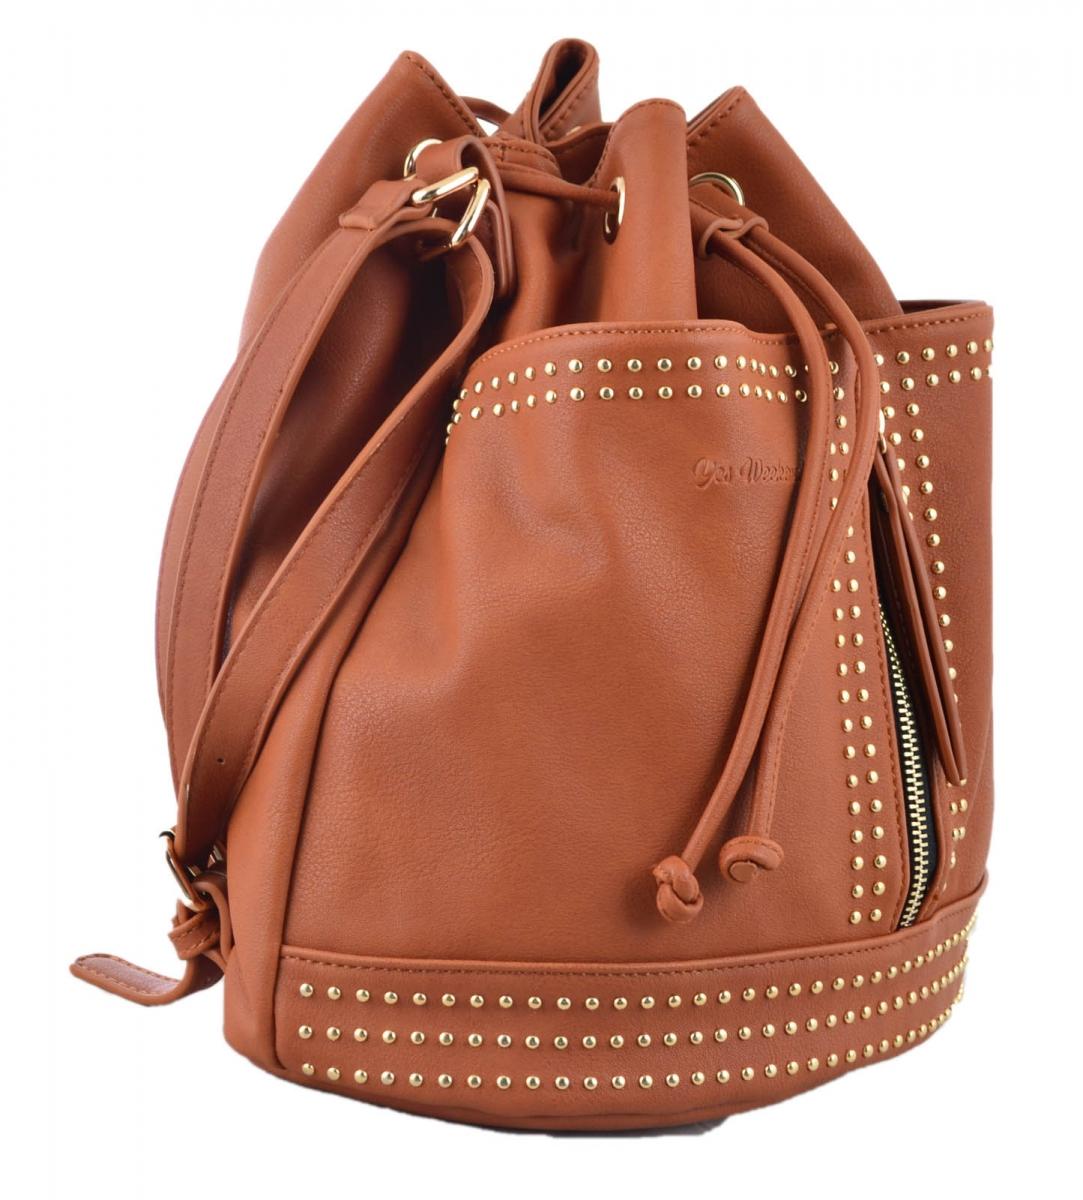 Рюкзаки и сумки из кожи от Bag5ru - Тренд 2017-2018!